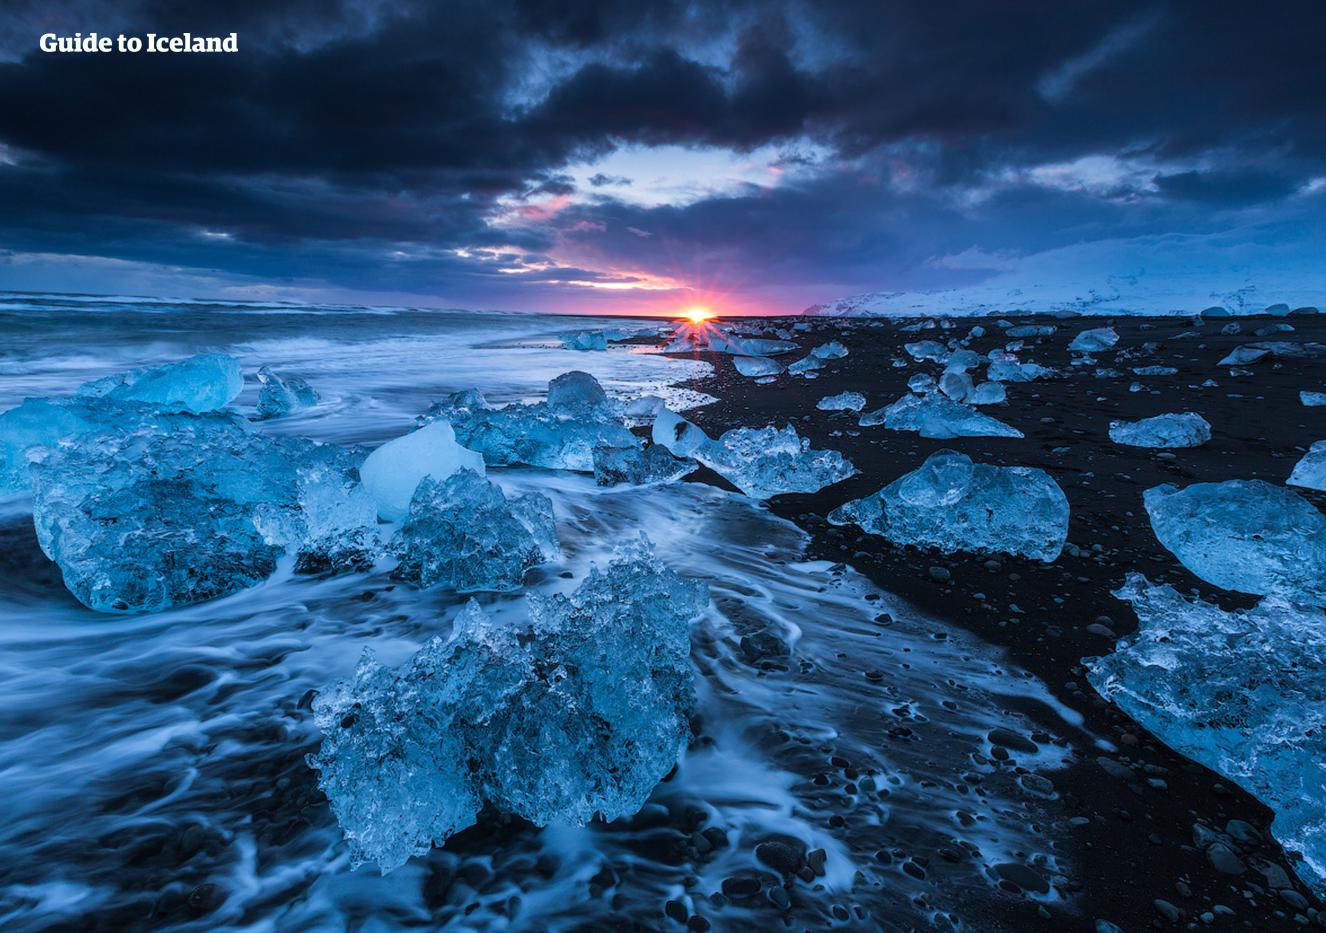 In un tour autonomo invernale, puoi visitare la Spiaggia dei Diamanti durante la sera e vedere come il sole faccia scintillare gli iceberg.